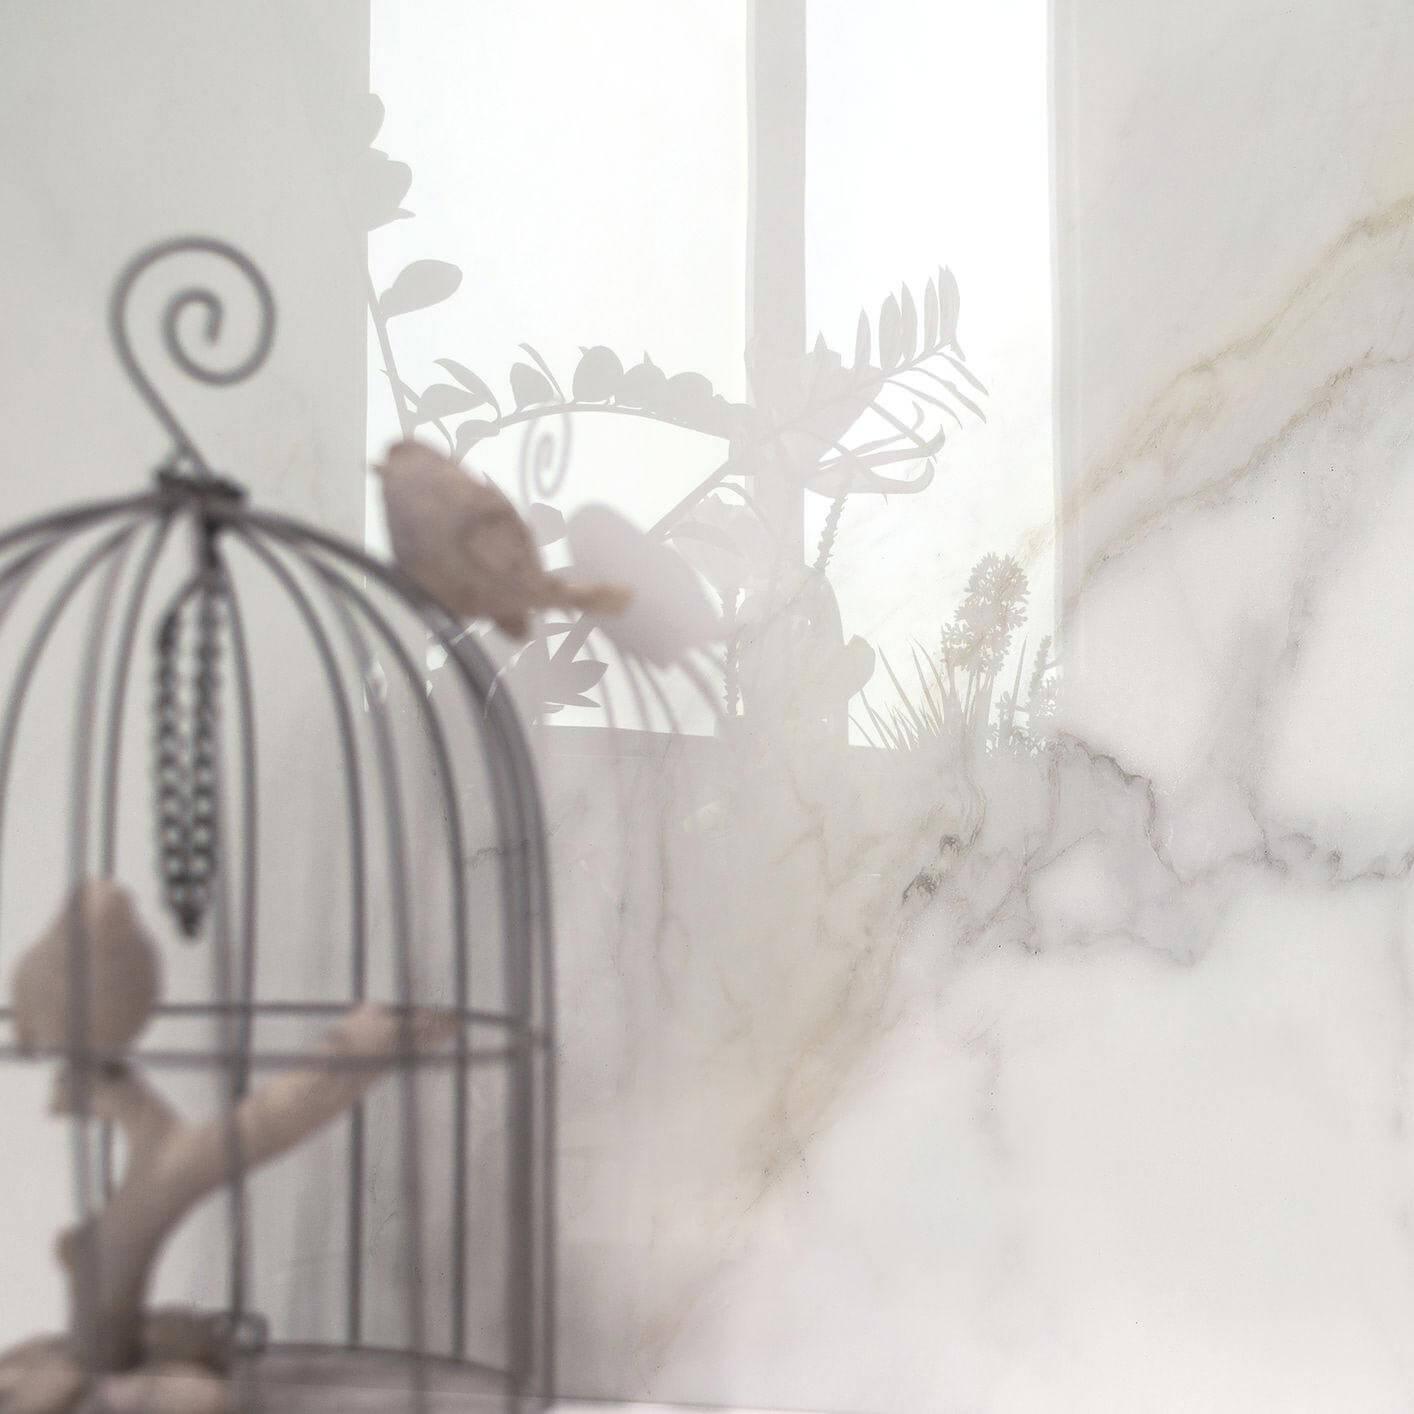 Carrelage sol et mur poli aspect marbre blanc Diamond Gold 60x120 cm rectifié